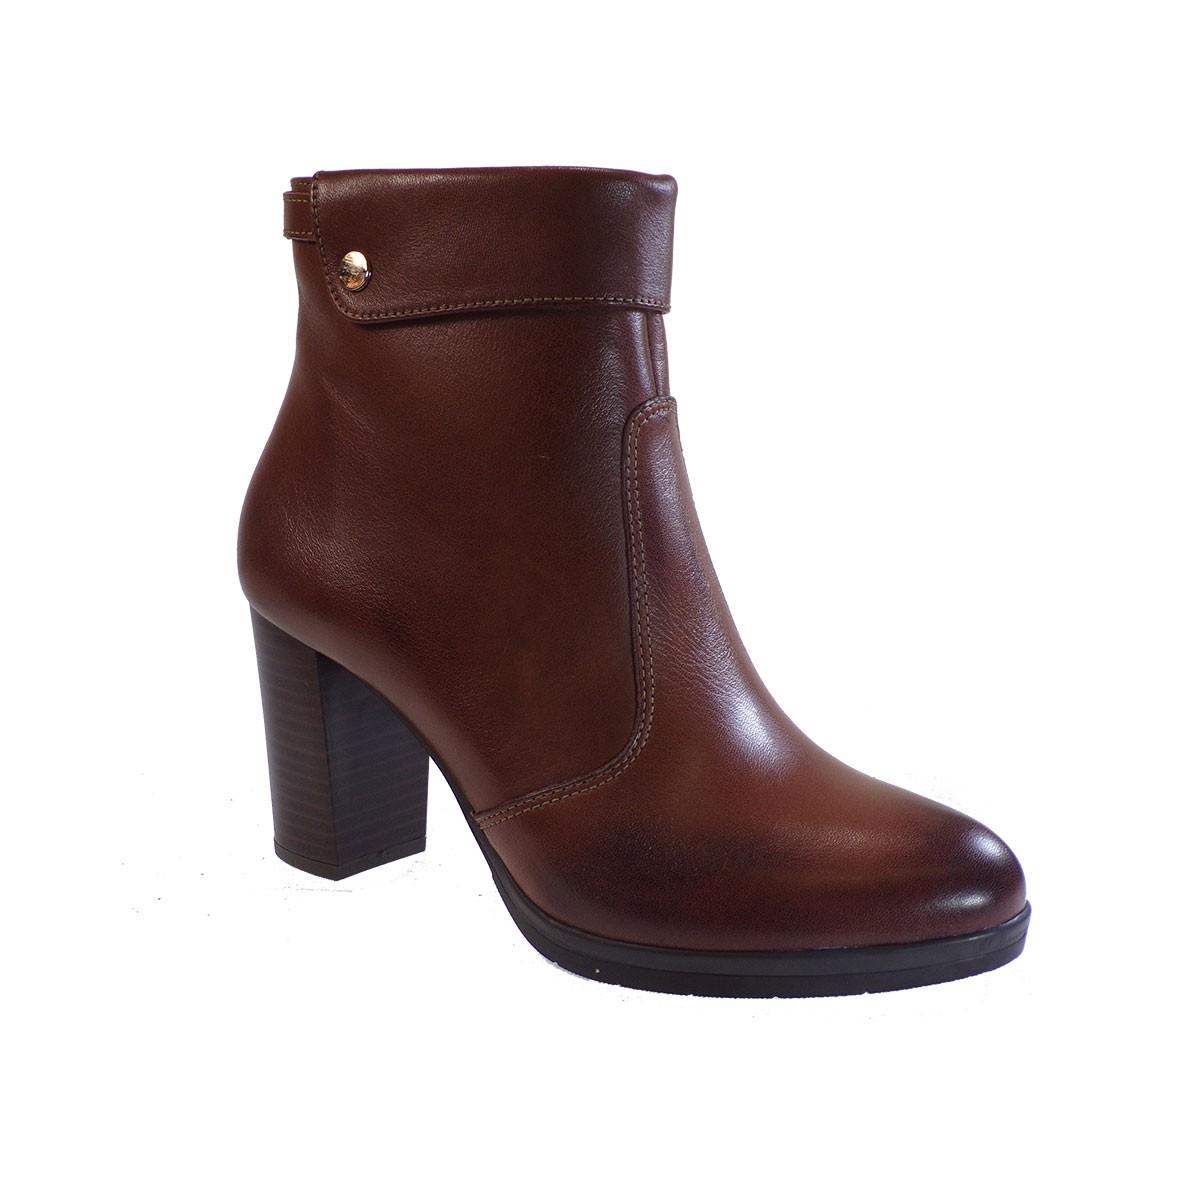 Fardoulis Shoes Γυναικεία Παπούτσια Μποτάκια 1122 Ταμπά Δέρμα